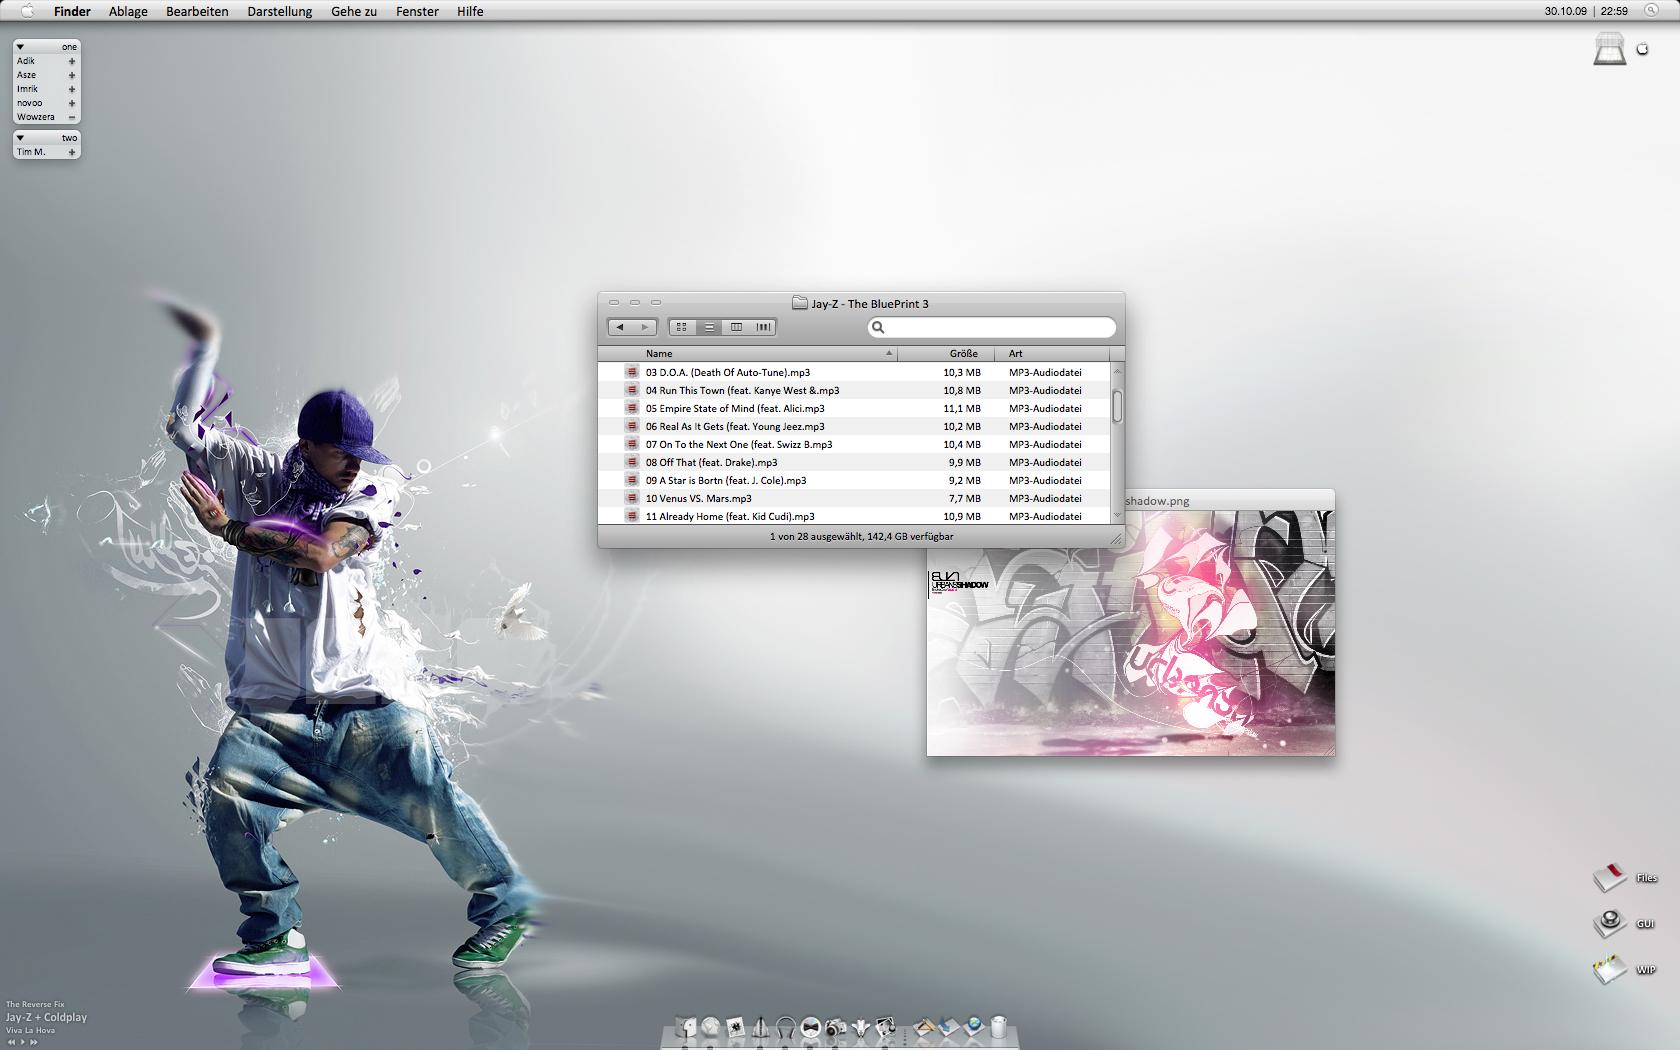 Desktop_93 by technici